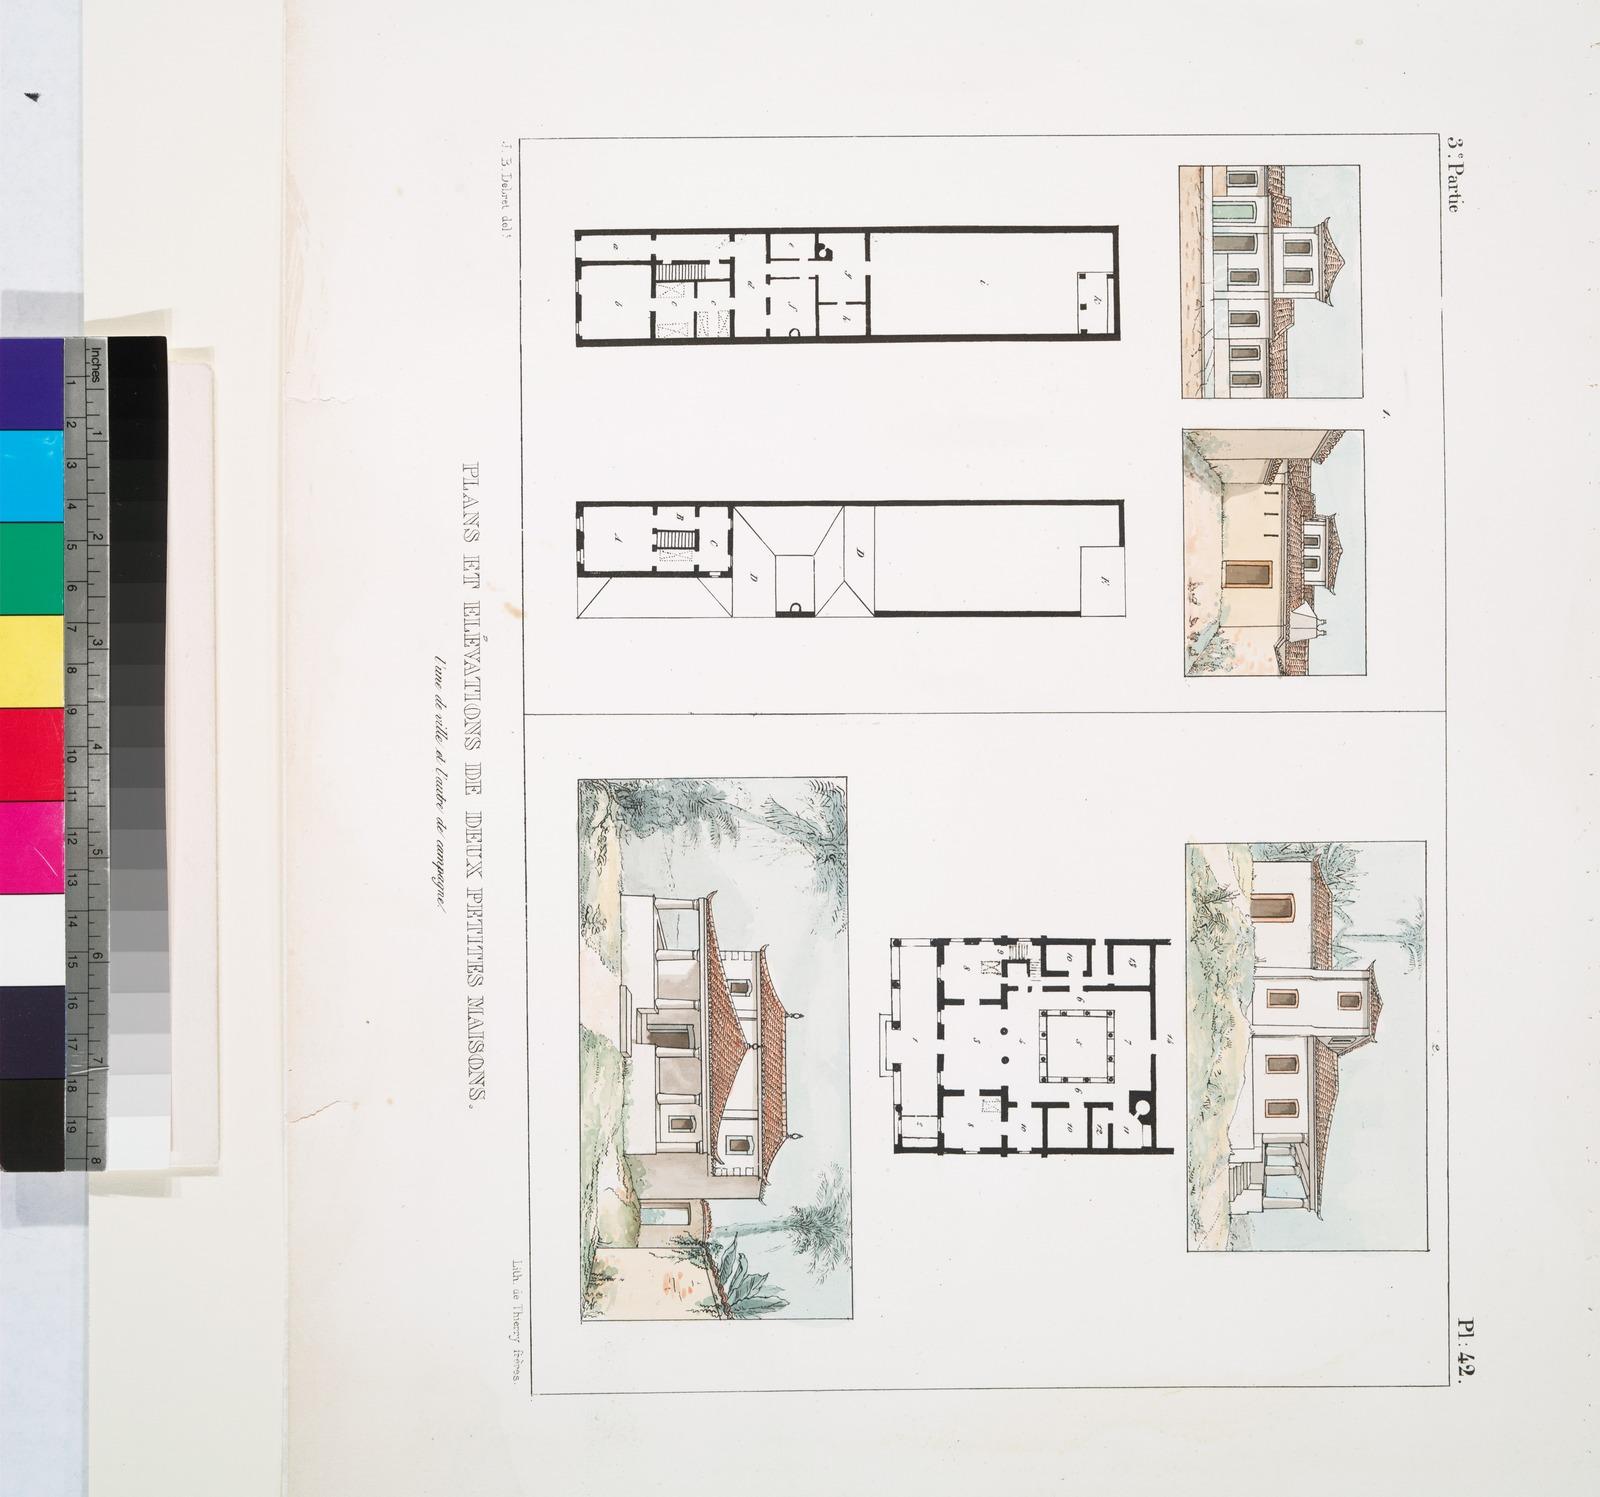 Plans et élévation de deux petites maisons: l'une de ville et l'autre de campagne.